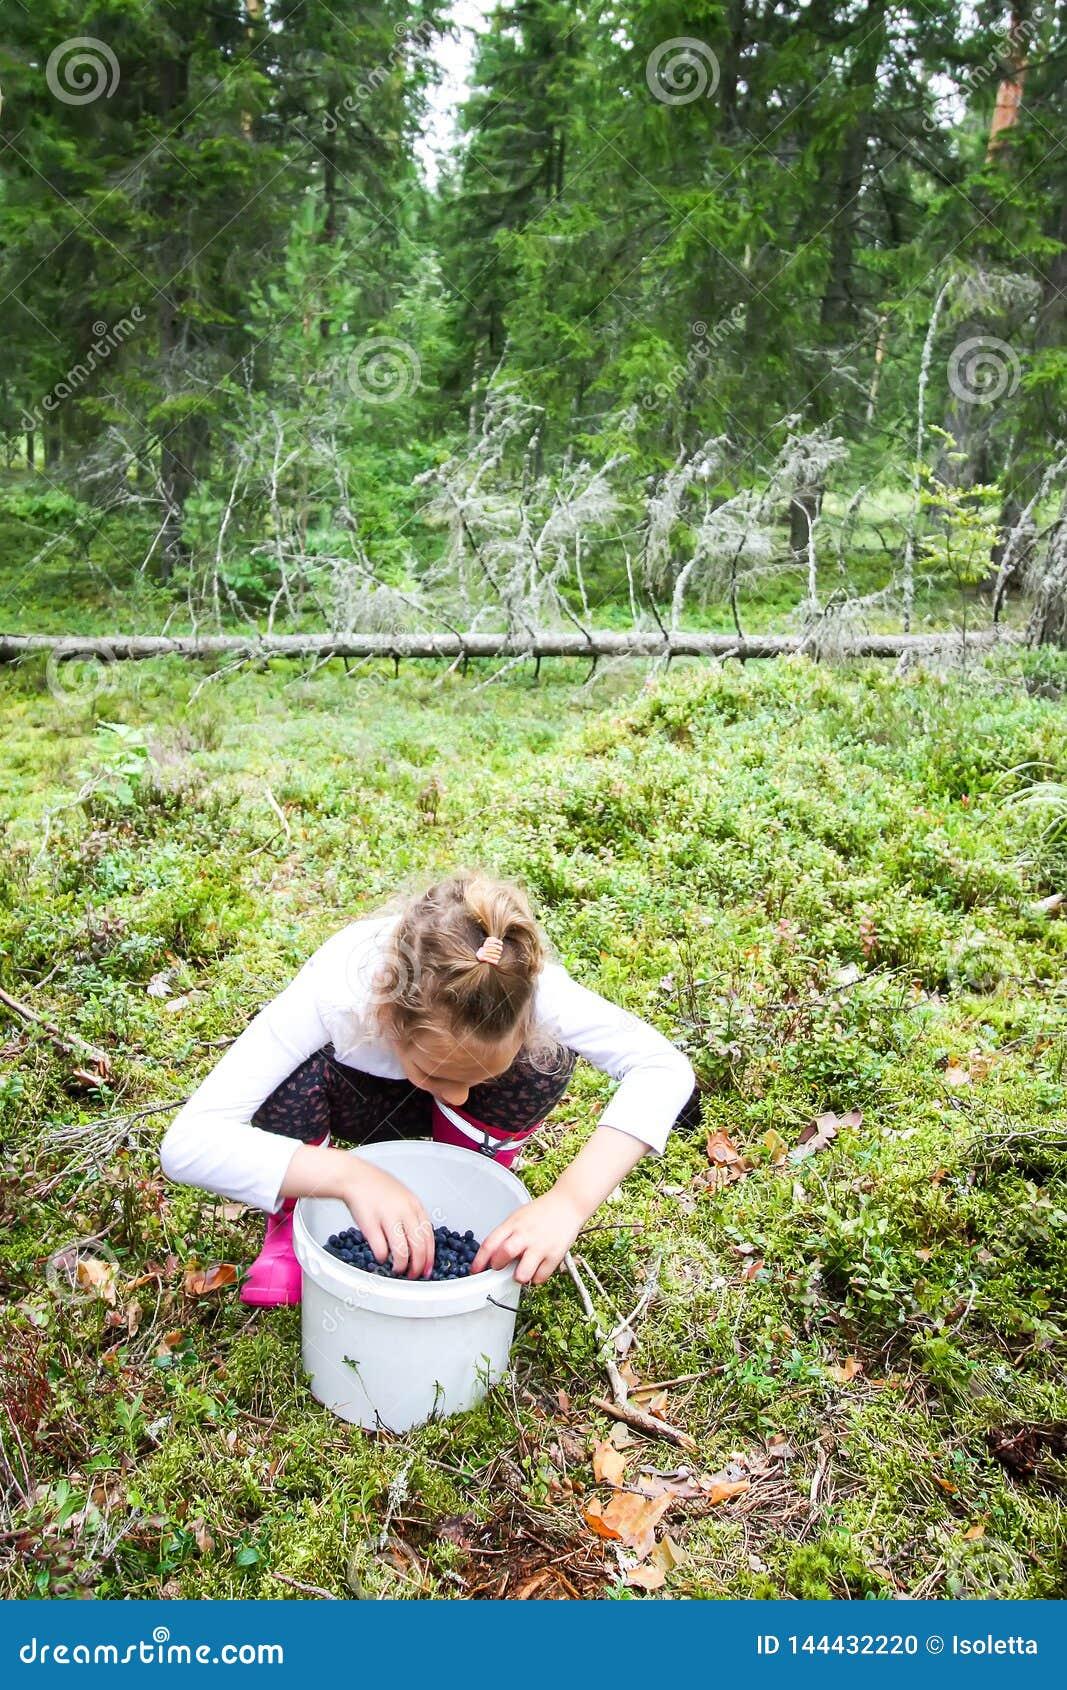 Little girl picking blueberries in summer forest